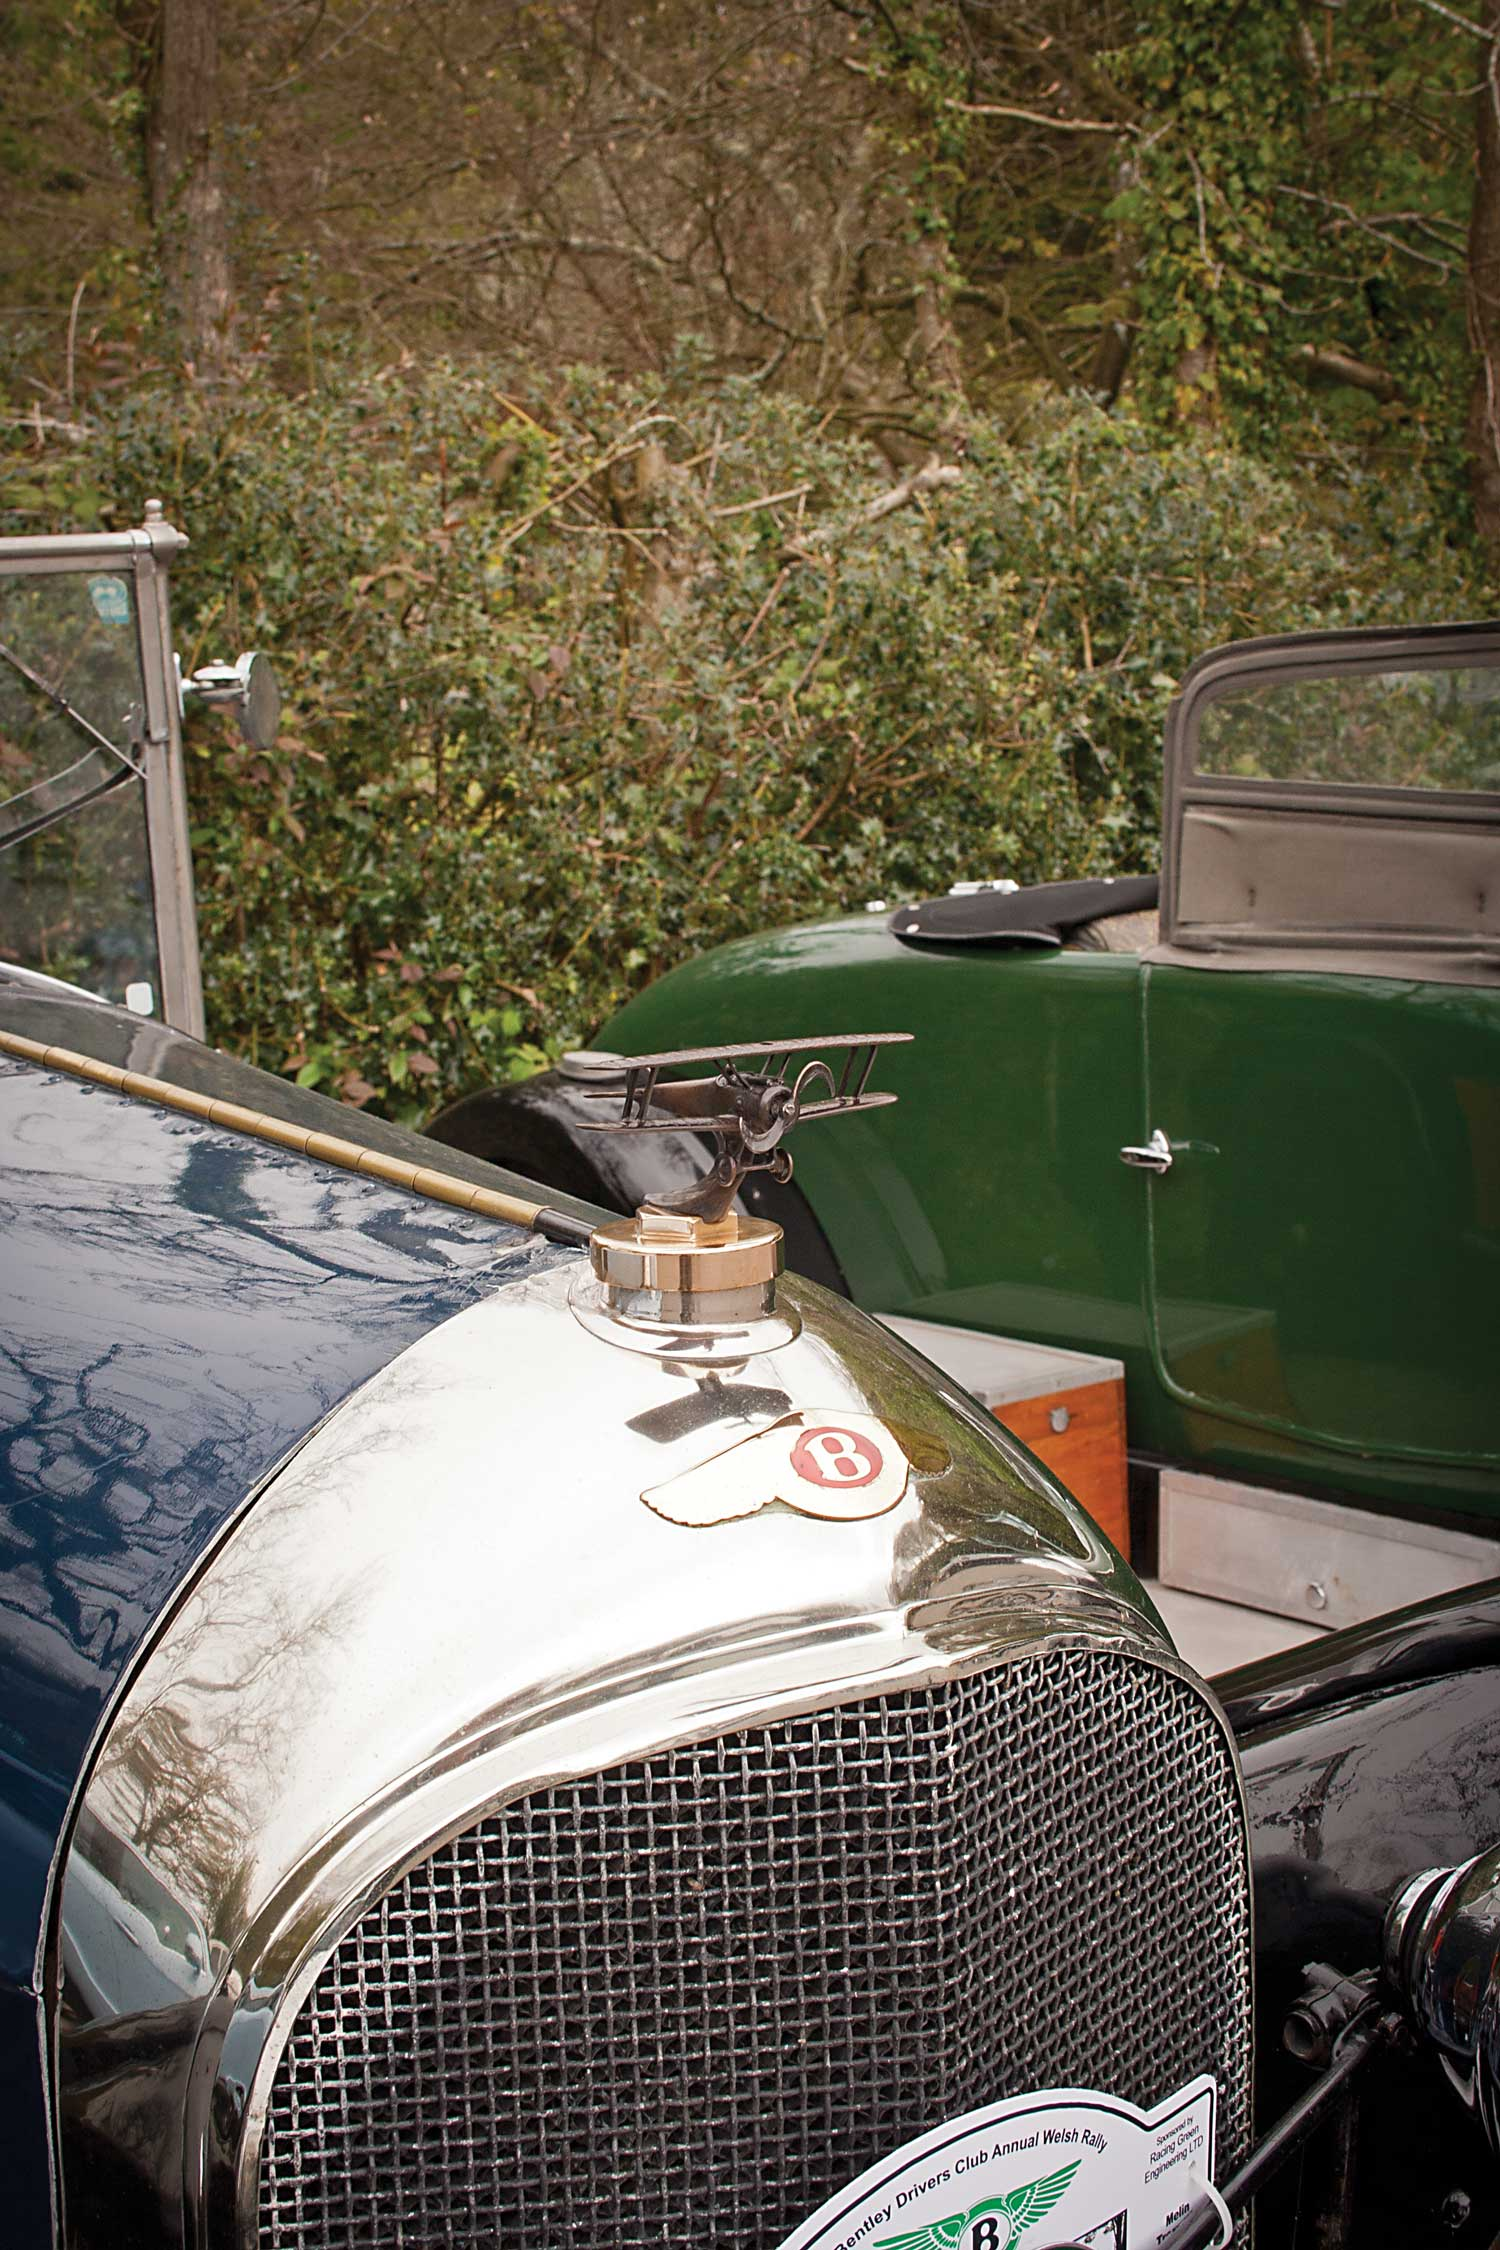 Bentley_9306_1500.jpg